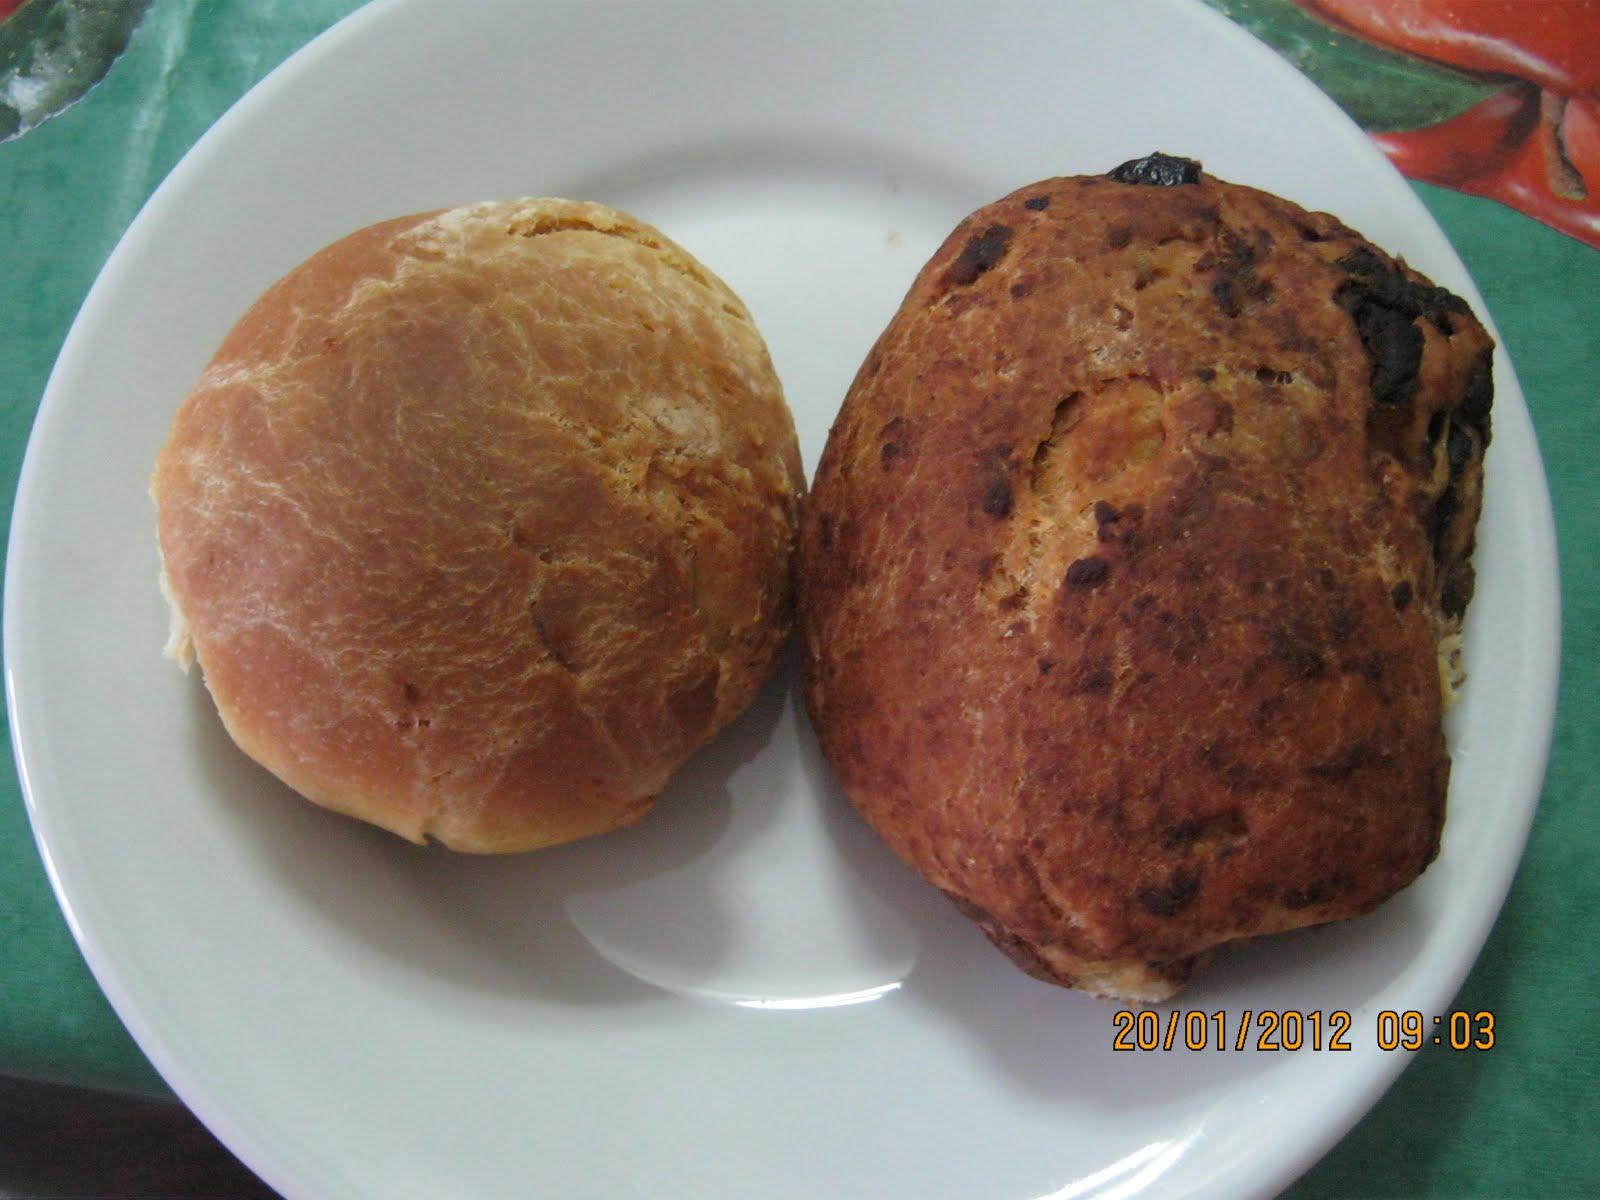 La cucina di papavero panini al latte di capra farciti e con olive - La cucina della capra ...